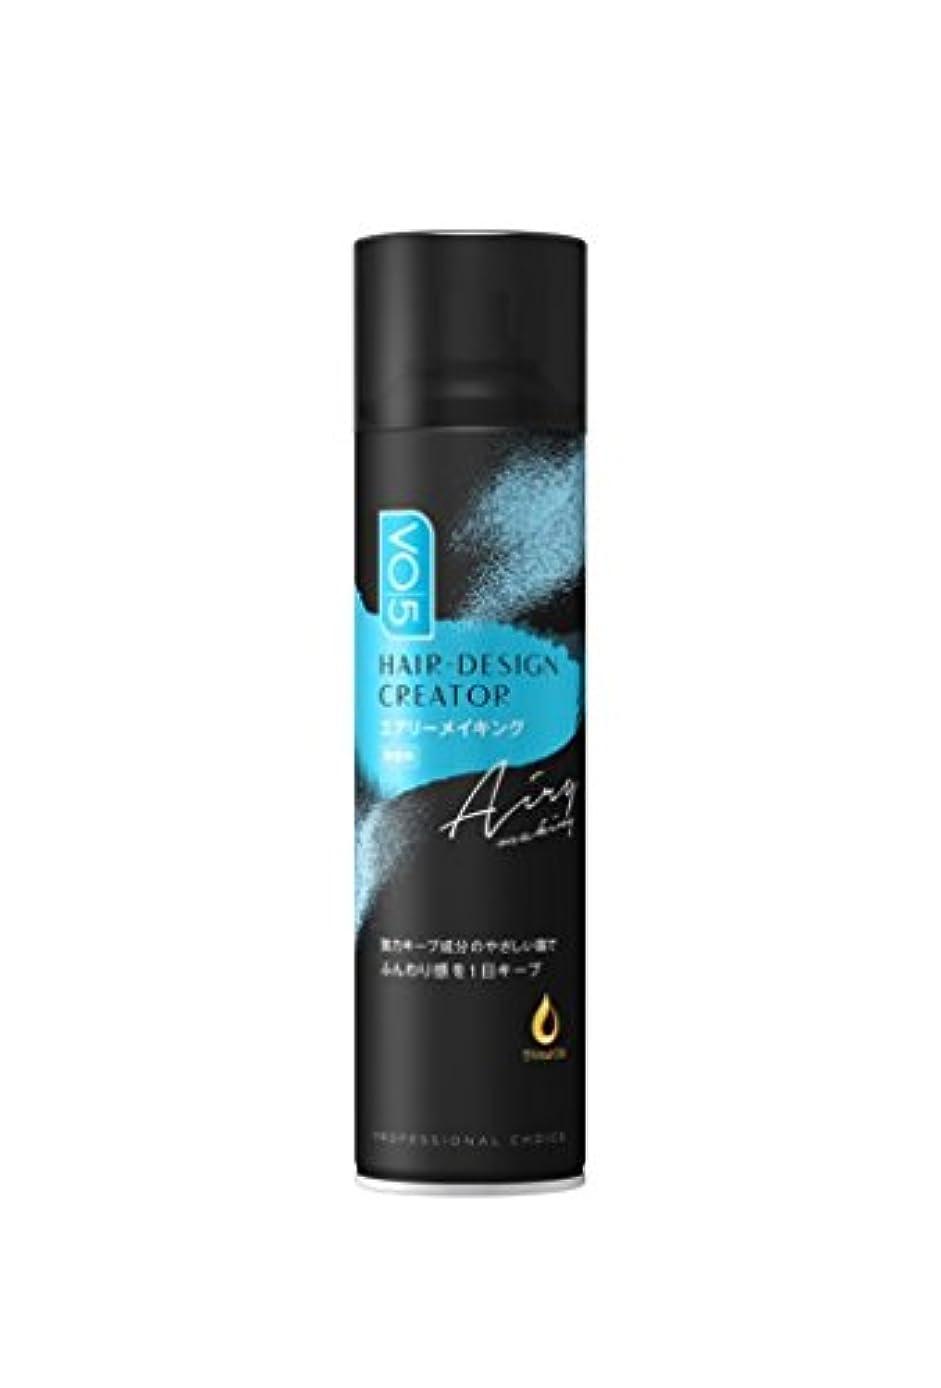 アルバニー感謝している広大なVO5ヘアデザインクリエイター[エアリーメイキング]無香料160g